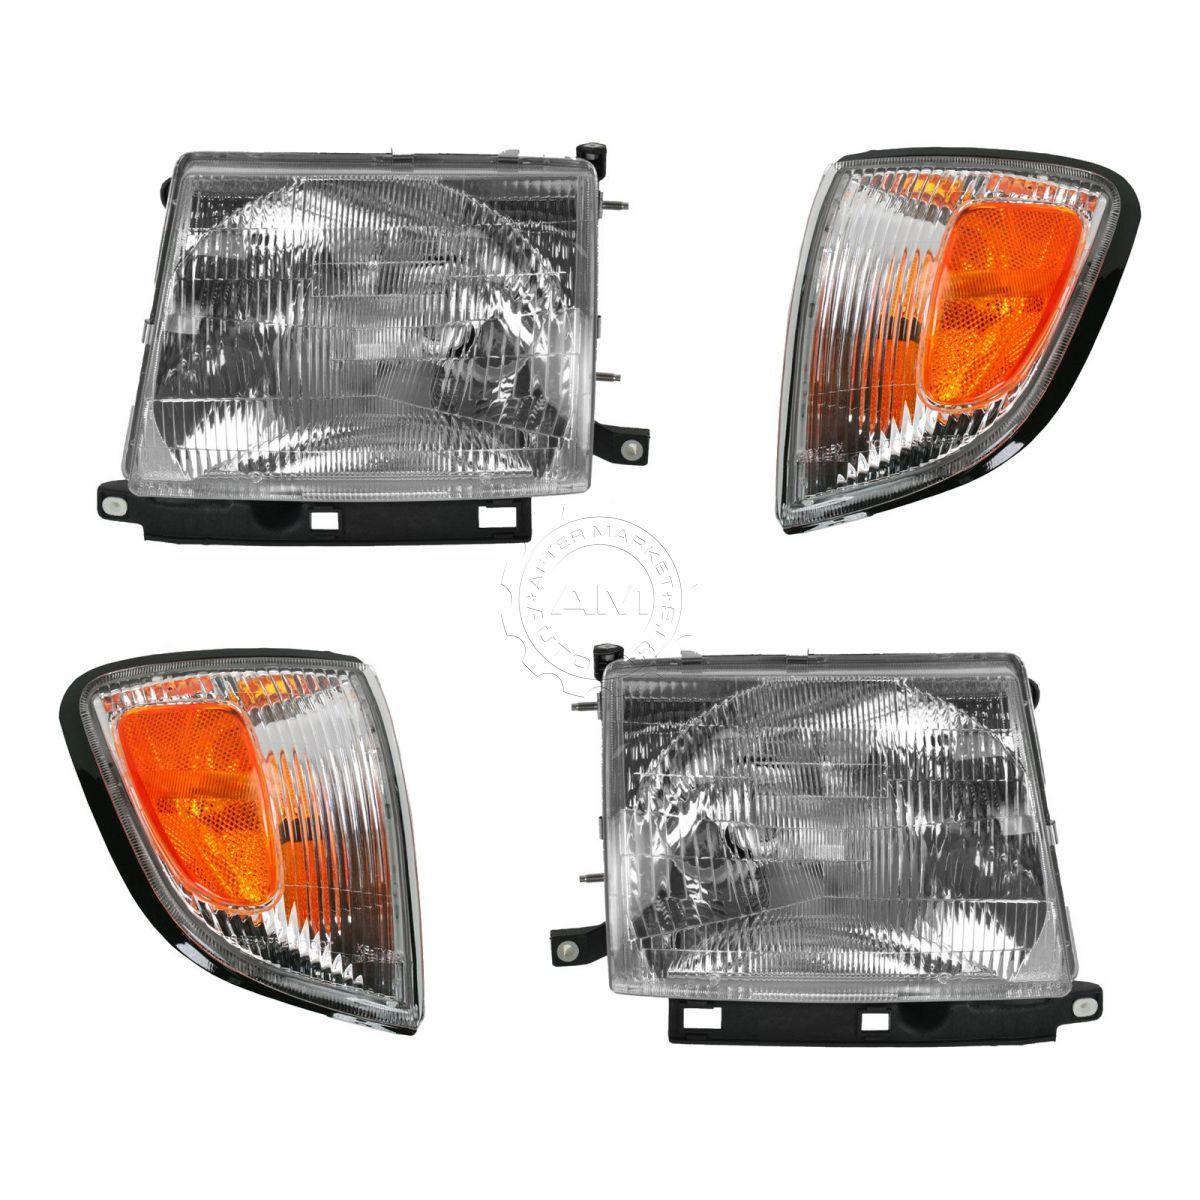 コーナーライト Headlights & Parking Corner Lights Left & Right Kit Set for 97-00 Tacoma 2WD 2x4 ヘッドライト& 駐車コーナーライト左& 97-00タコマ2WD 2x4用の右キットセット